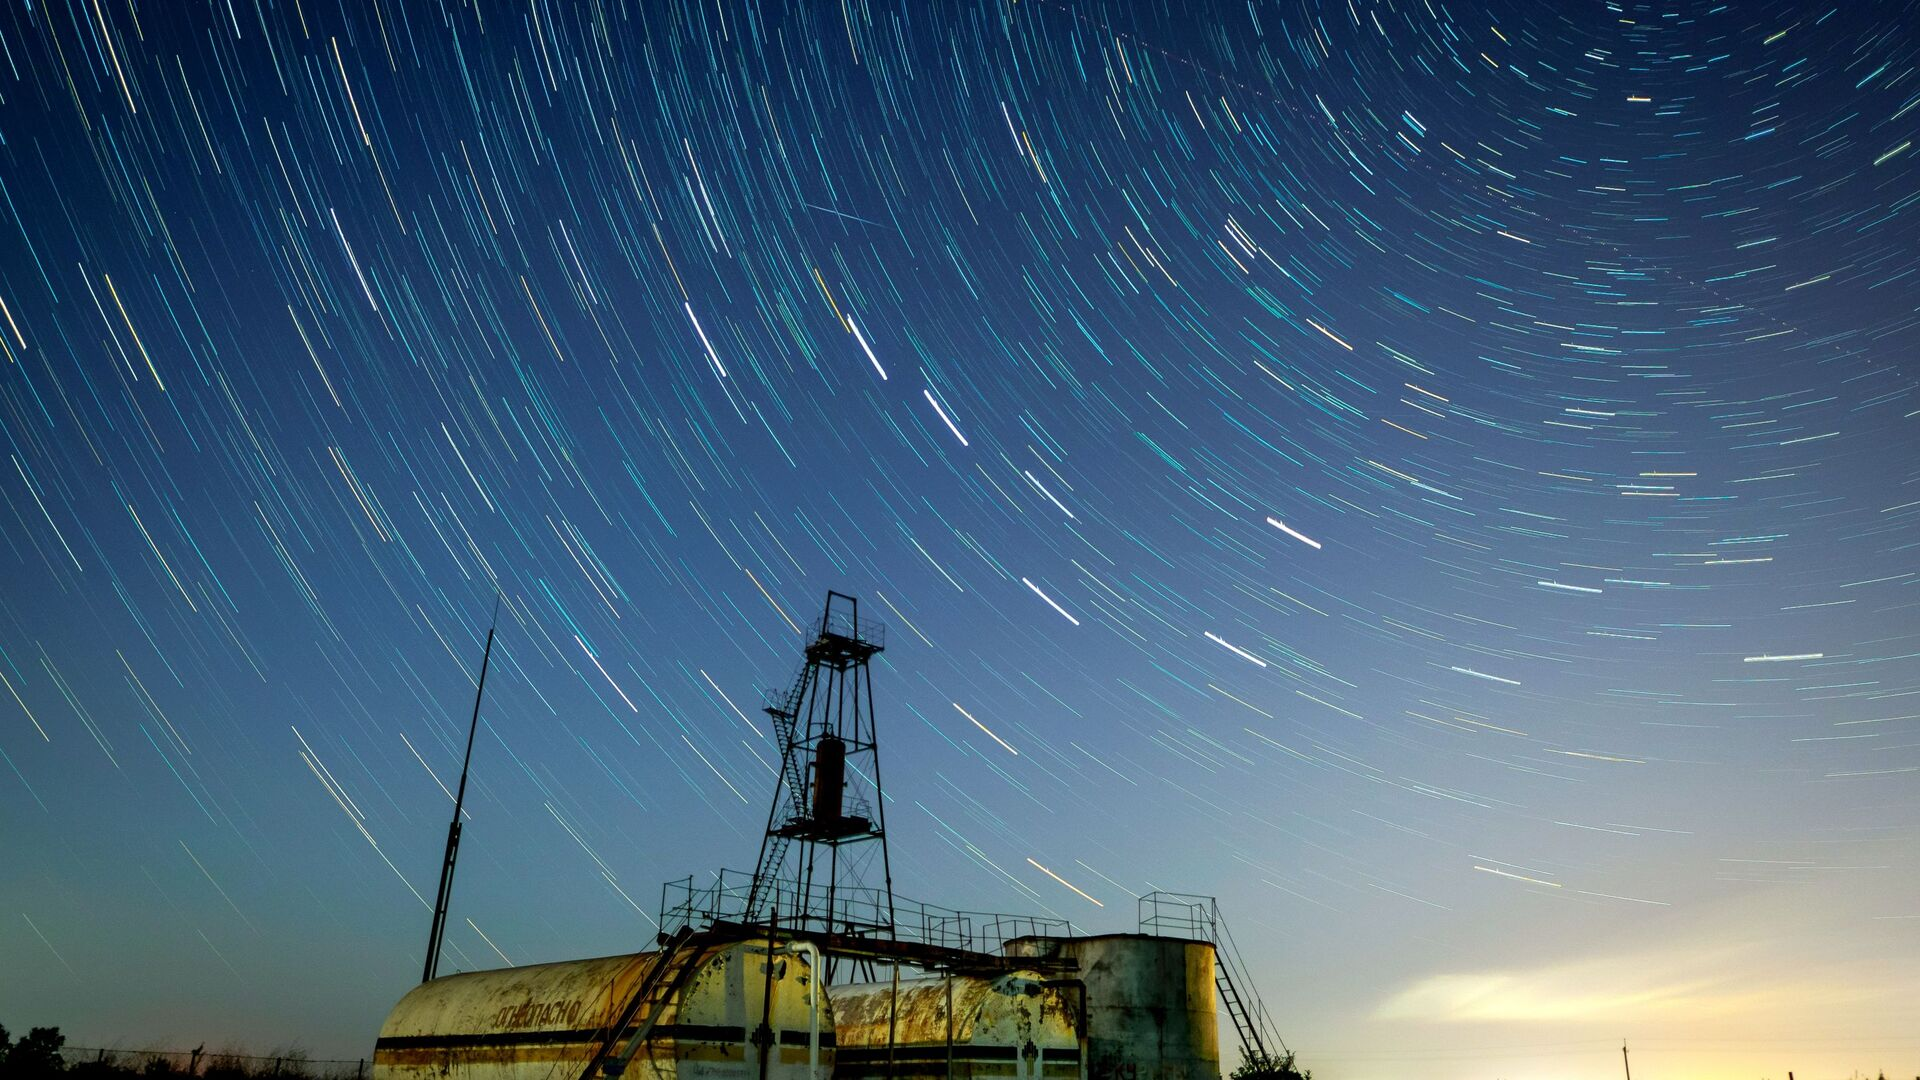 Звездное небо, наблюдаемое в Краснодарском крае во время метеорного потока Персеиды - Sputnik Грузия, 1920, 23.09.2021